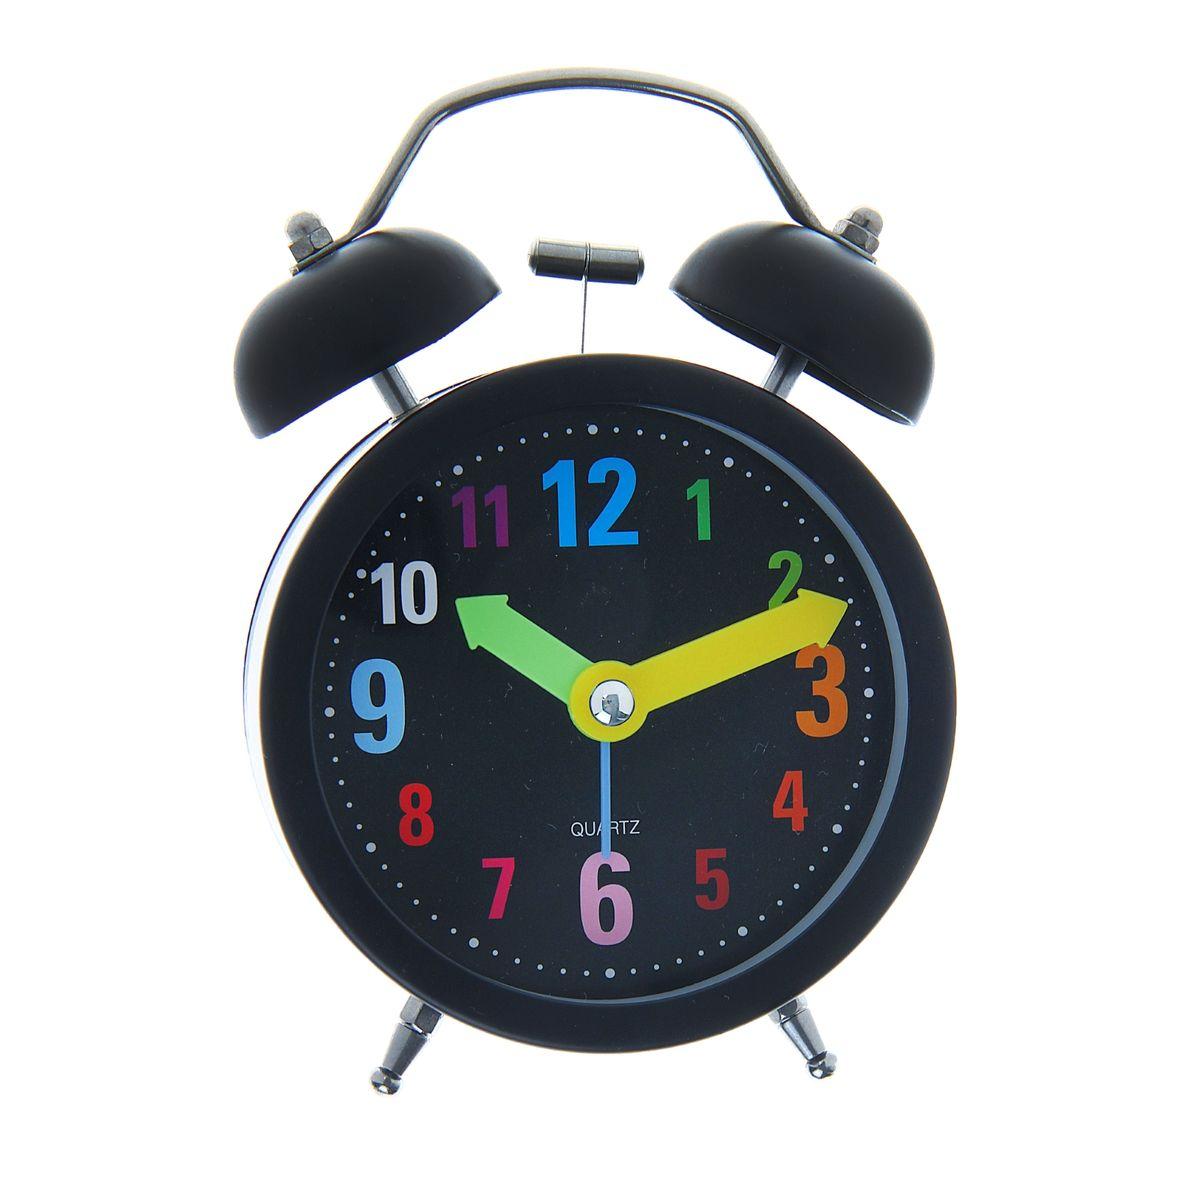 Часы-будильник Sima-land Разноцветные цифры1056418Яркий и оригинальный будильник Sima-land Разноцветные цифры поможет вам всегда вставать в нужное время и успевать везде и всюду. Корпус будильника выполнен из металла и пластика. Циферблат имеет разноцветные арабские цифры и 3 стрелки - секундную, минутную и часовую. Будильник украсит вашу комнату и приведет в восхищение друзей. Время показывает точно и будит в установленный час. На задней панели будильника расположены переключатель включения/выключения механизма, а также два колесика для настройки текущего времени и времени звонка будильника. Также будильник оснащен кнопкой, при нажатии и удержании которой, подсвечивается циферблат. Будильник работает от 1 батарейки типа AA напряжением 1,5V (не входит в комплект).